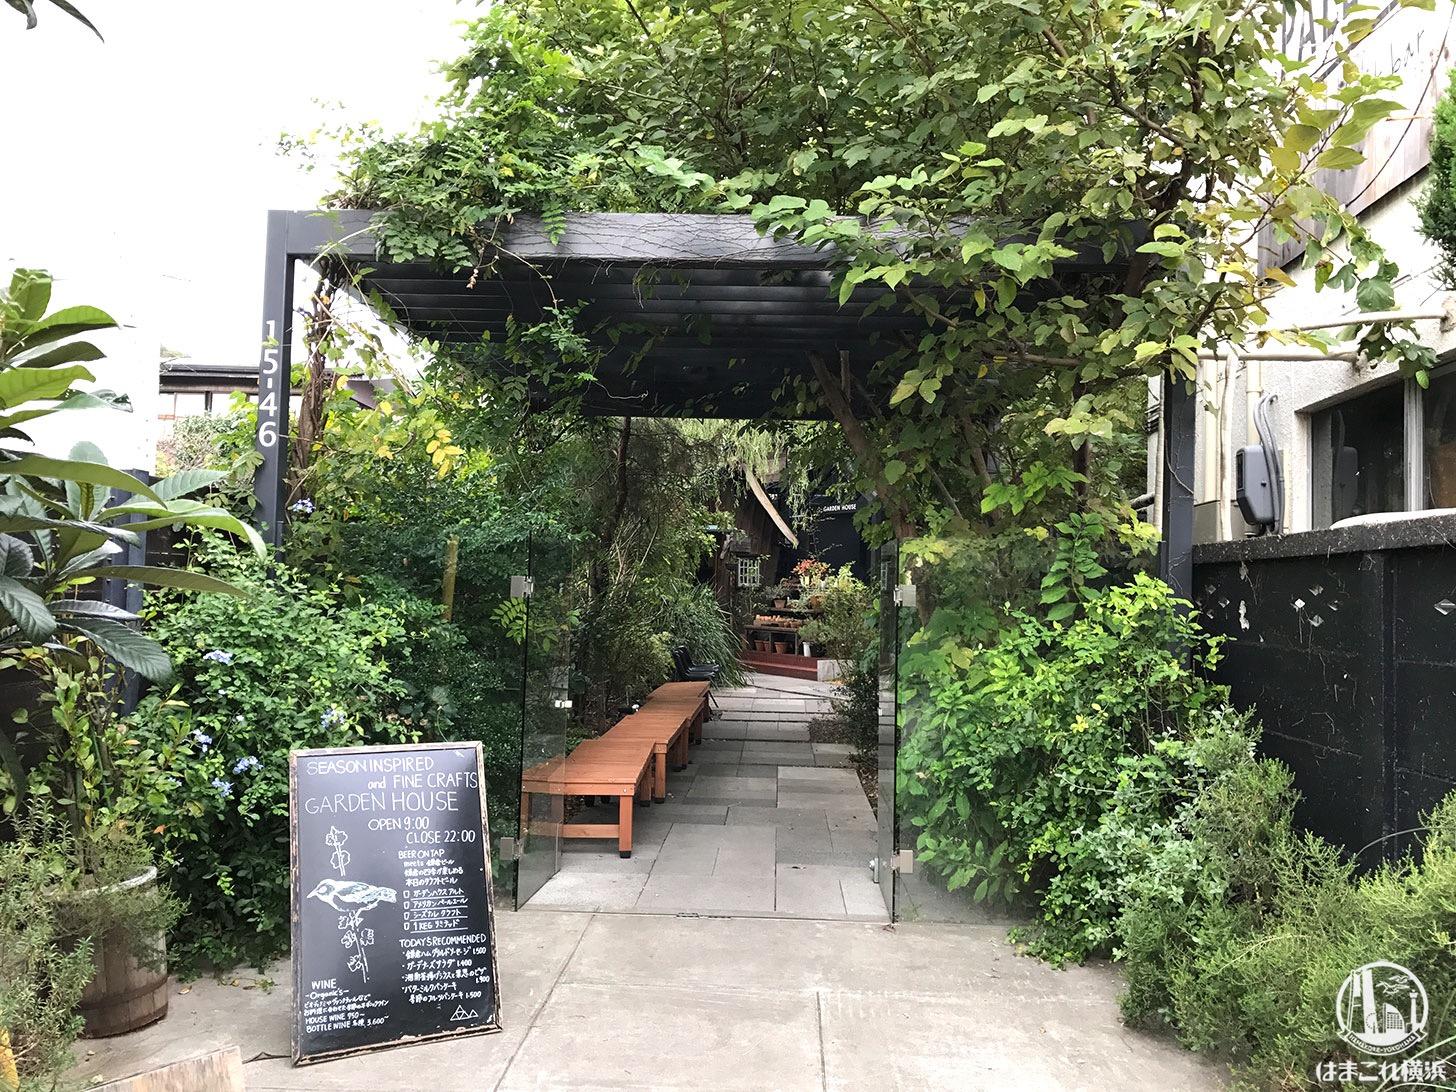 鎌倉「ガーデンハウス」入り口